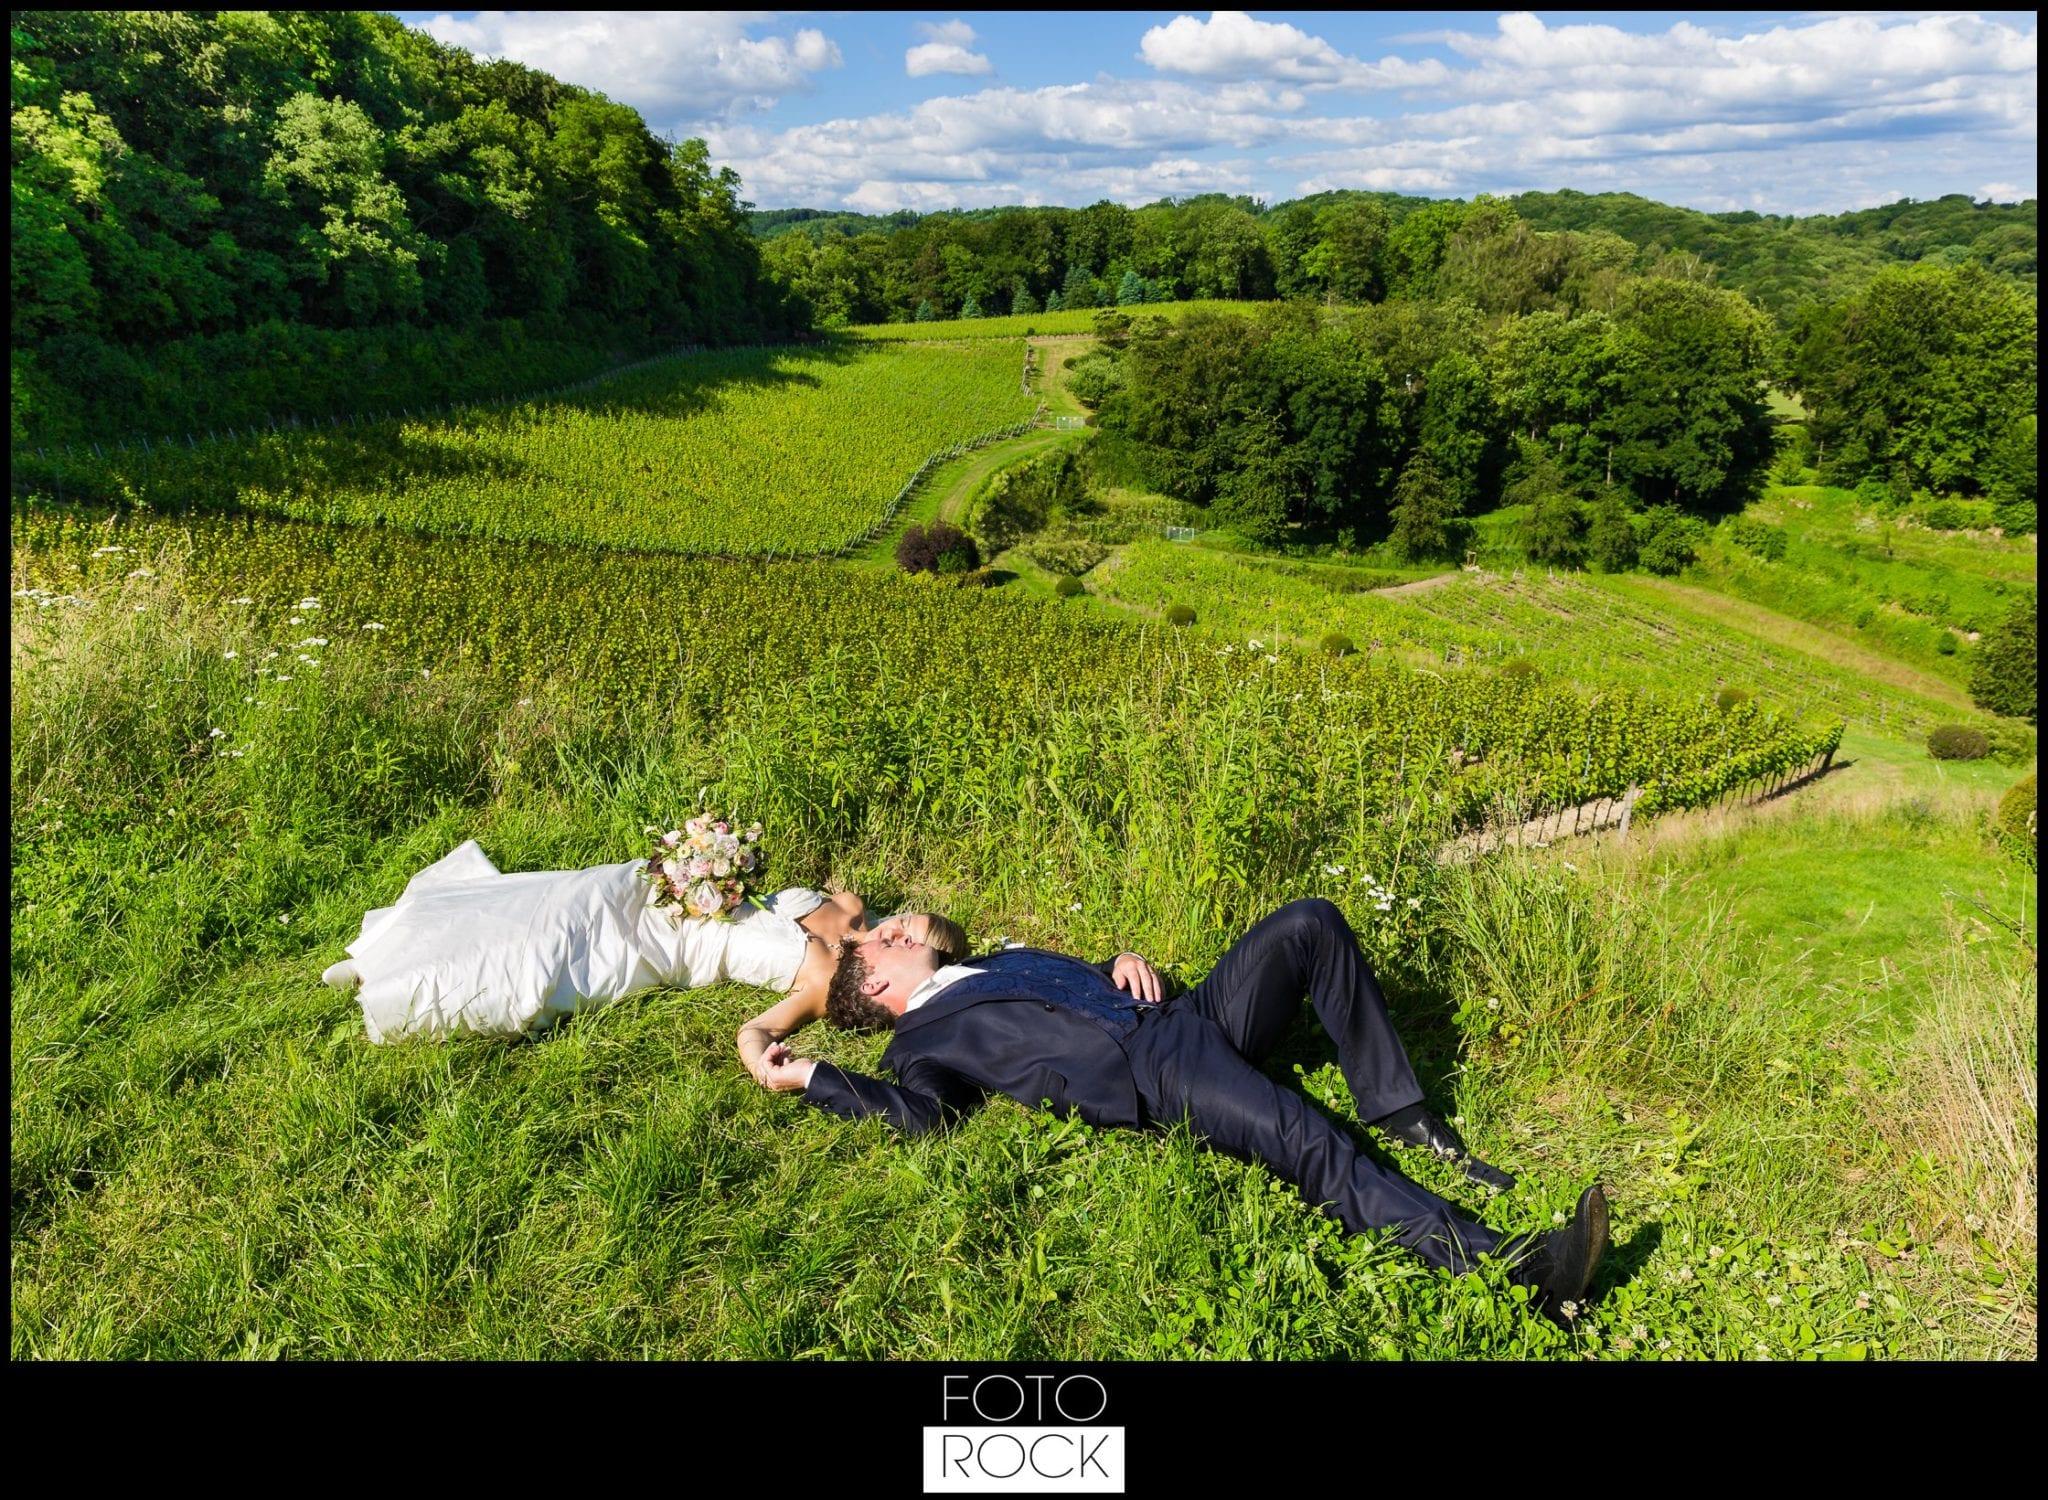 Hochzeit Lilienhof Ihringen Brautpaar Wiese Panorama Landschaft